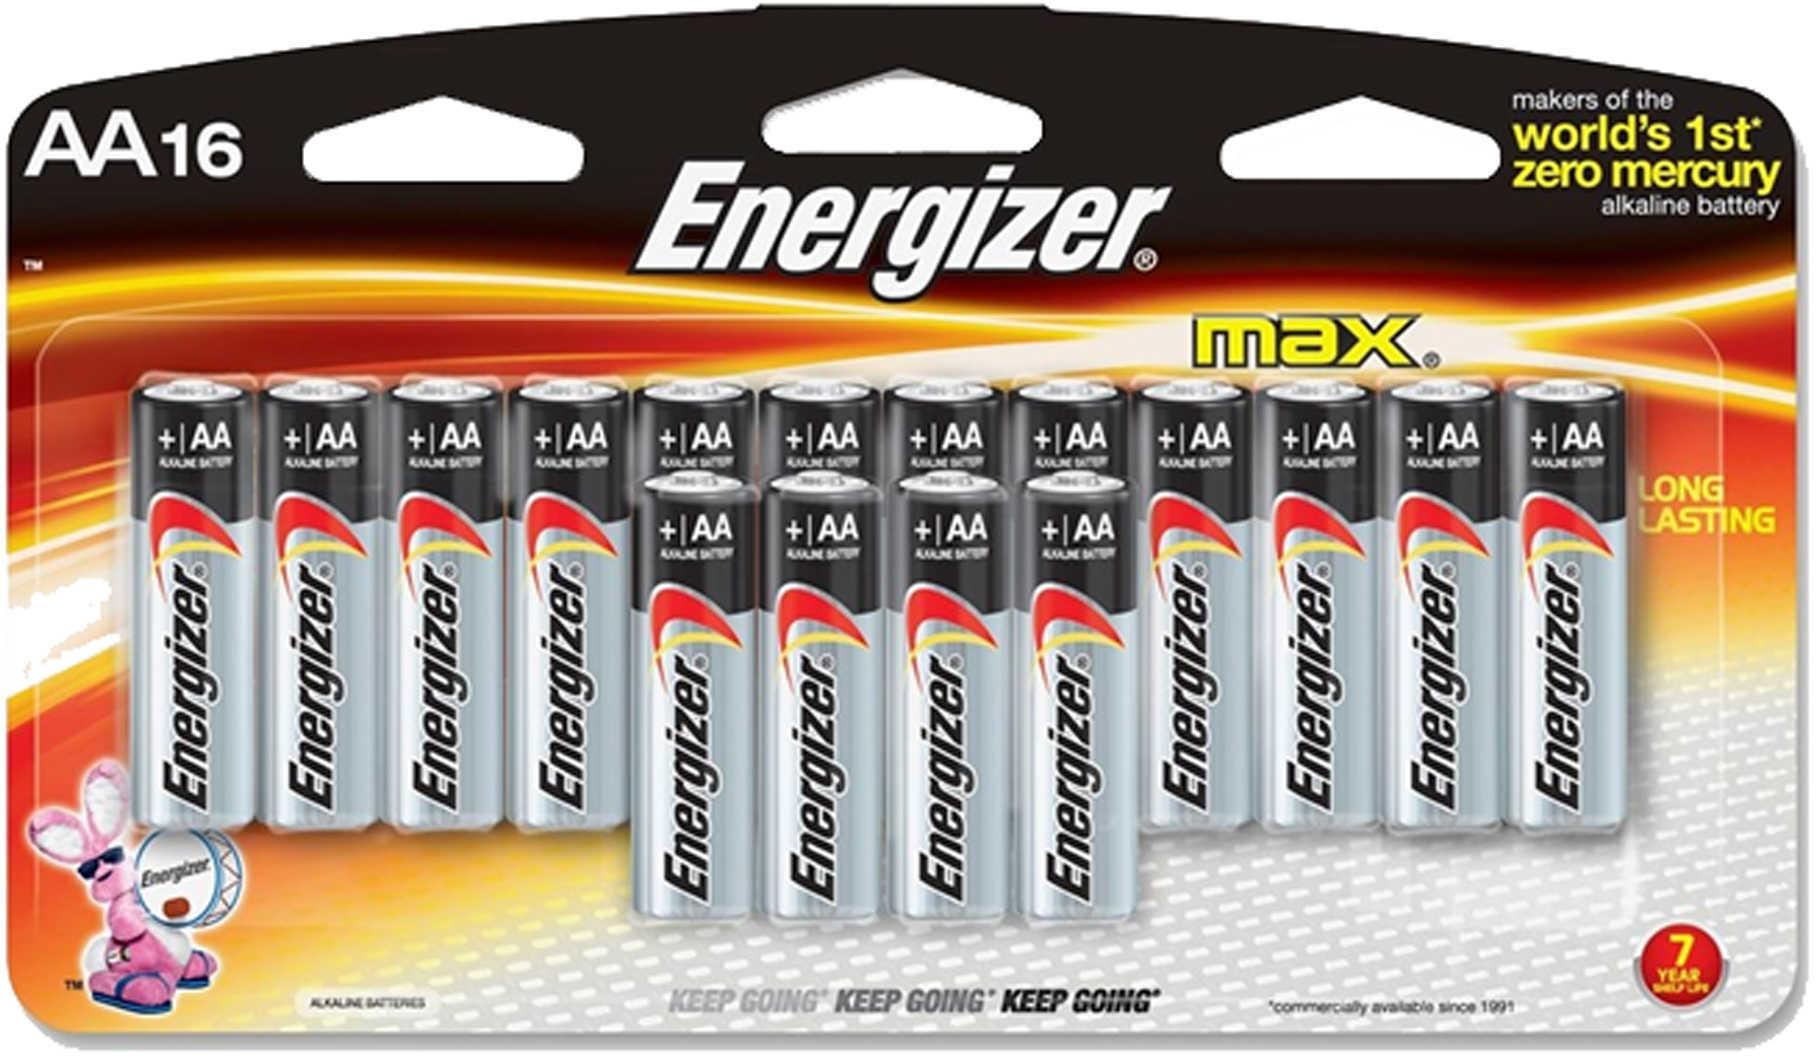 Premium Max Batteries AA (Per 16) Md: E91Lp-16